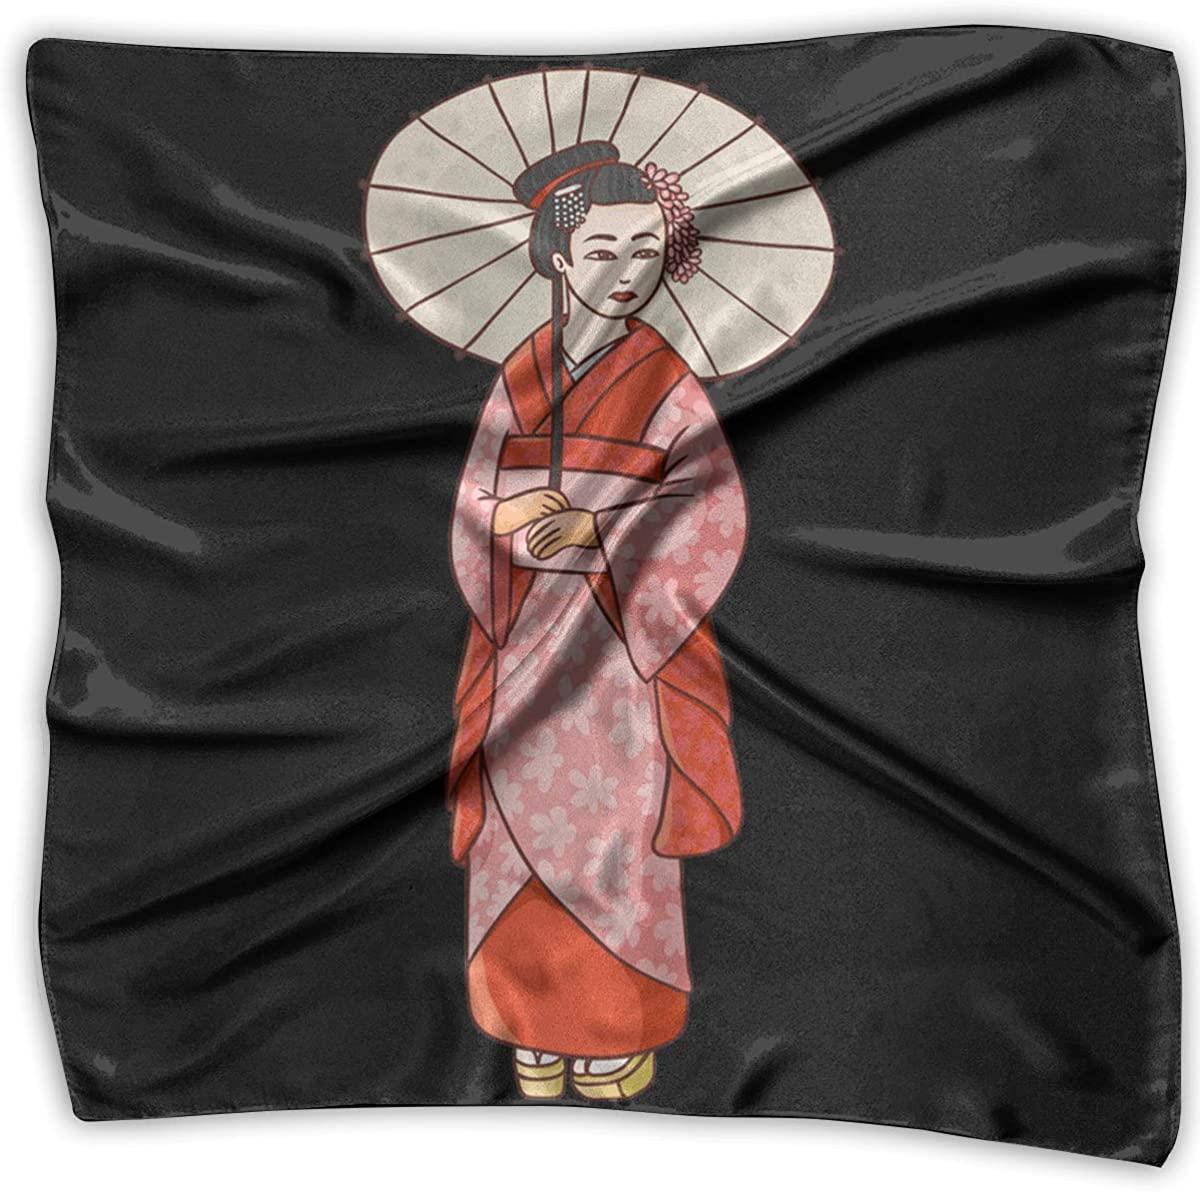 Geisha Kimono Square Handkerchiefs Shawl Bandanas Headscarf Neckerchief Headband